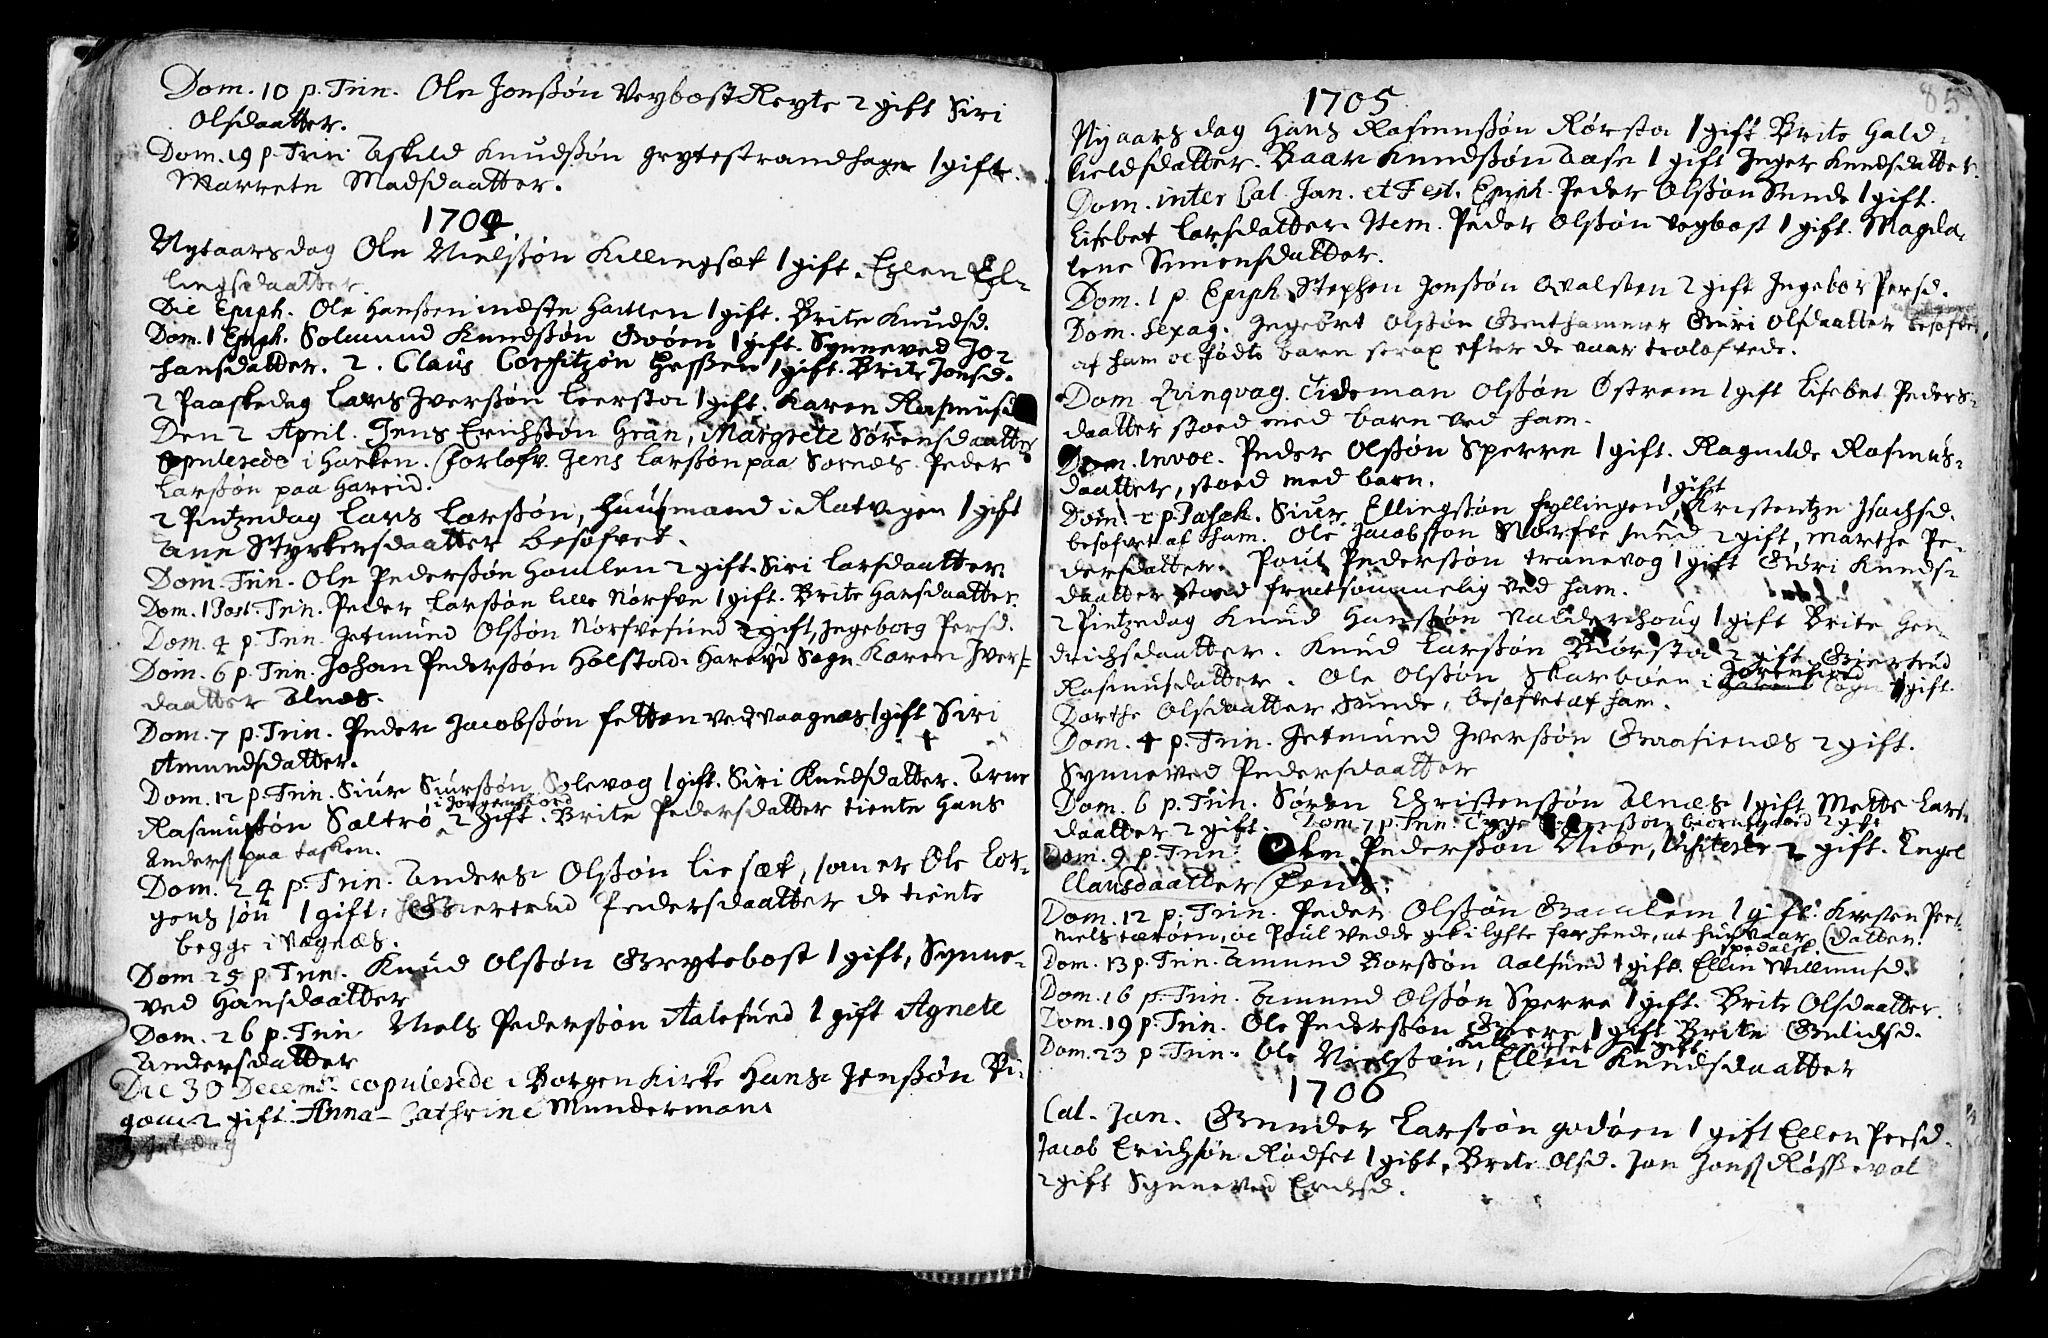 SAT, Ministerialprotokoller, klokkerbøker og fødselsregistre - Møre og Romsdal, 528/L0390: Ministerialbok nr. 528A01, 1698-1739, s. 84-85